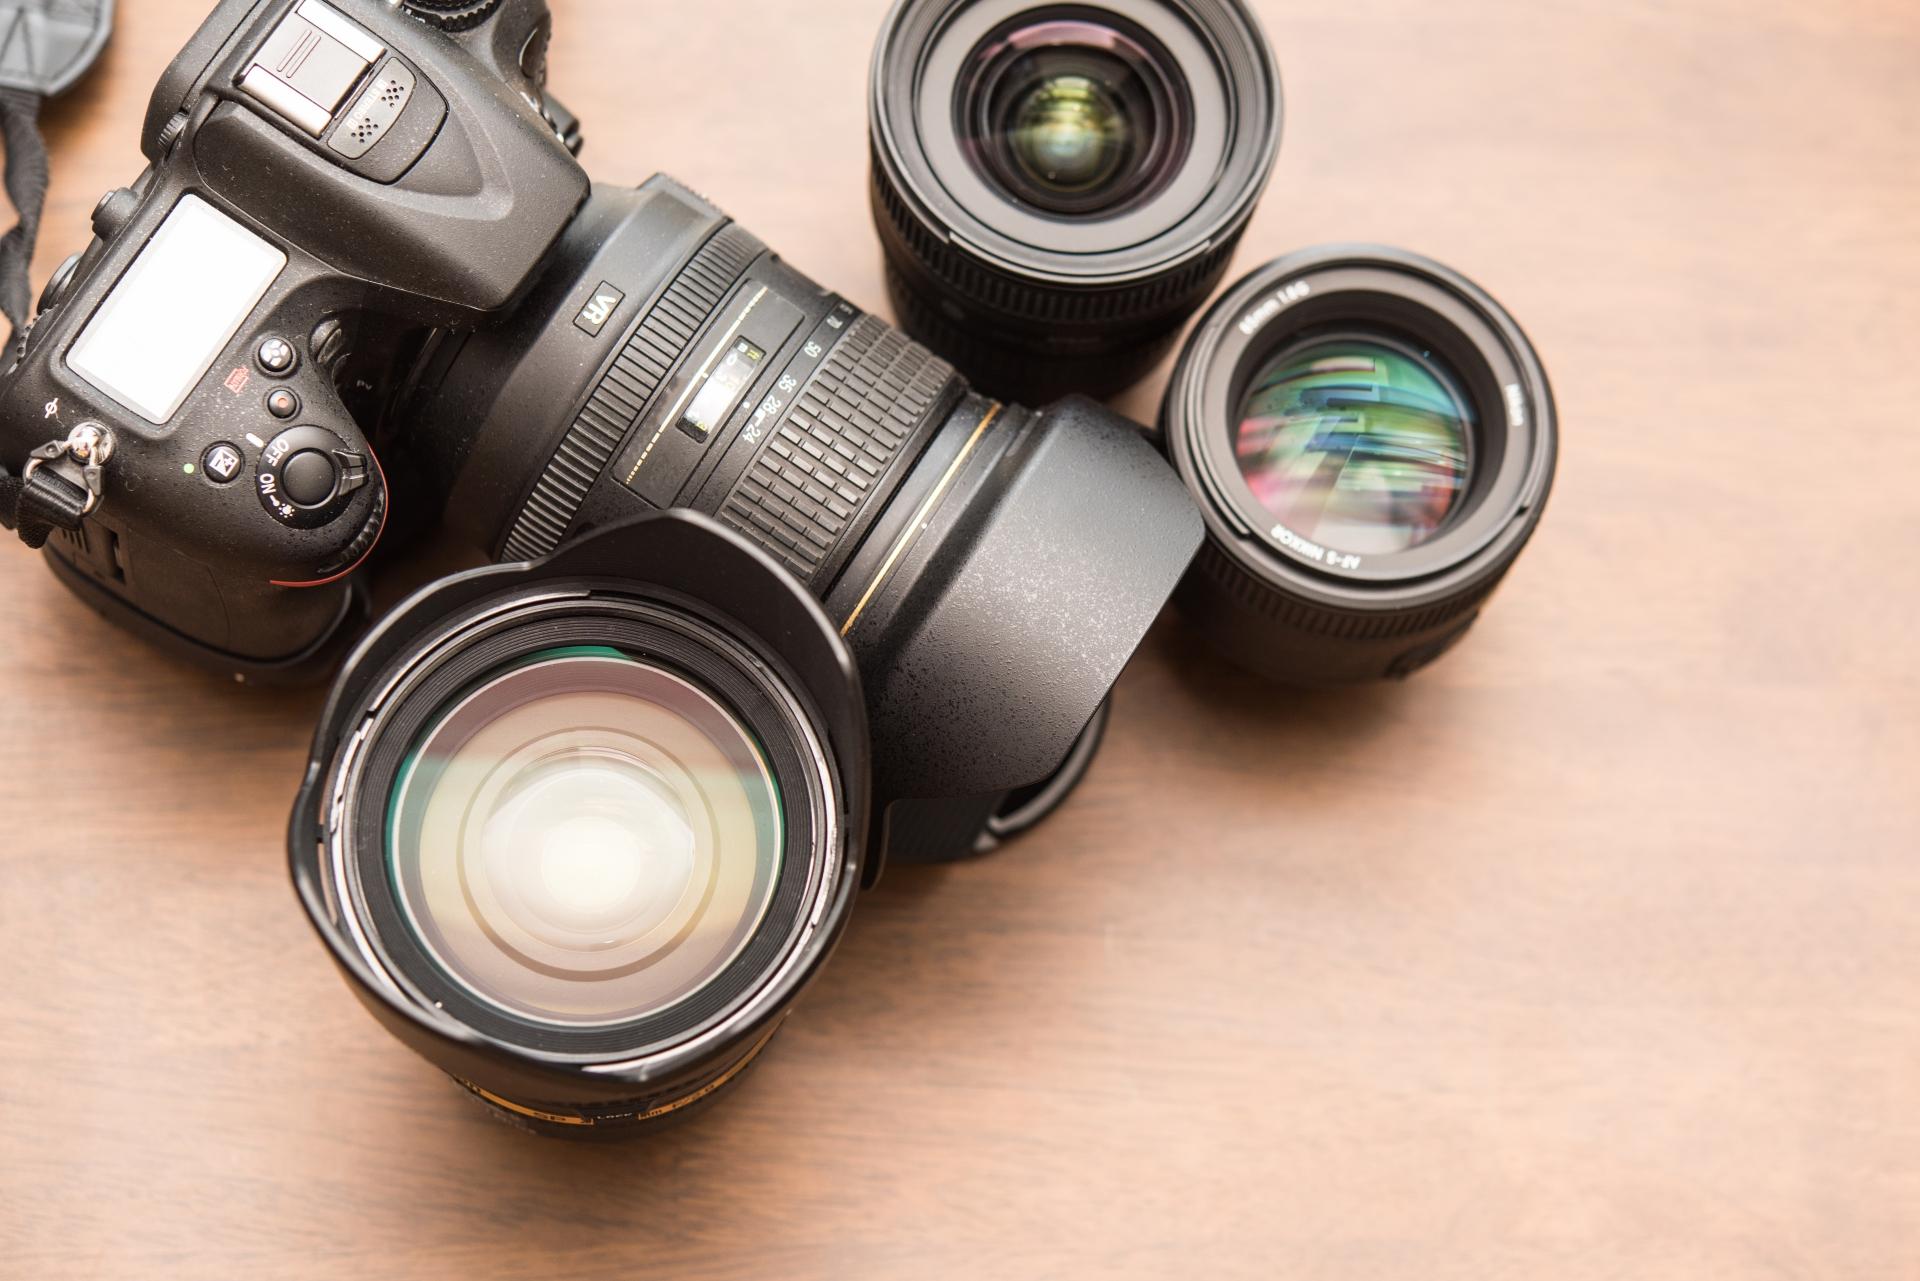 ビットマップデータ(ラスタデータ)を説明するカメラの画像